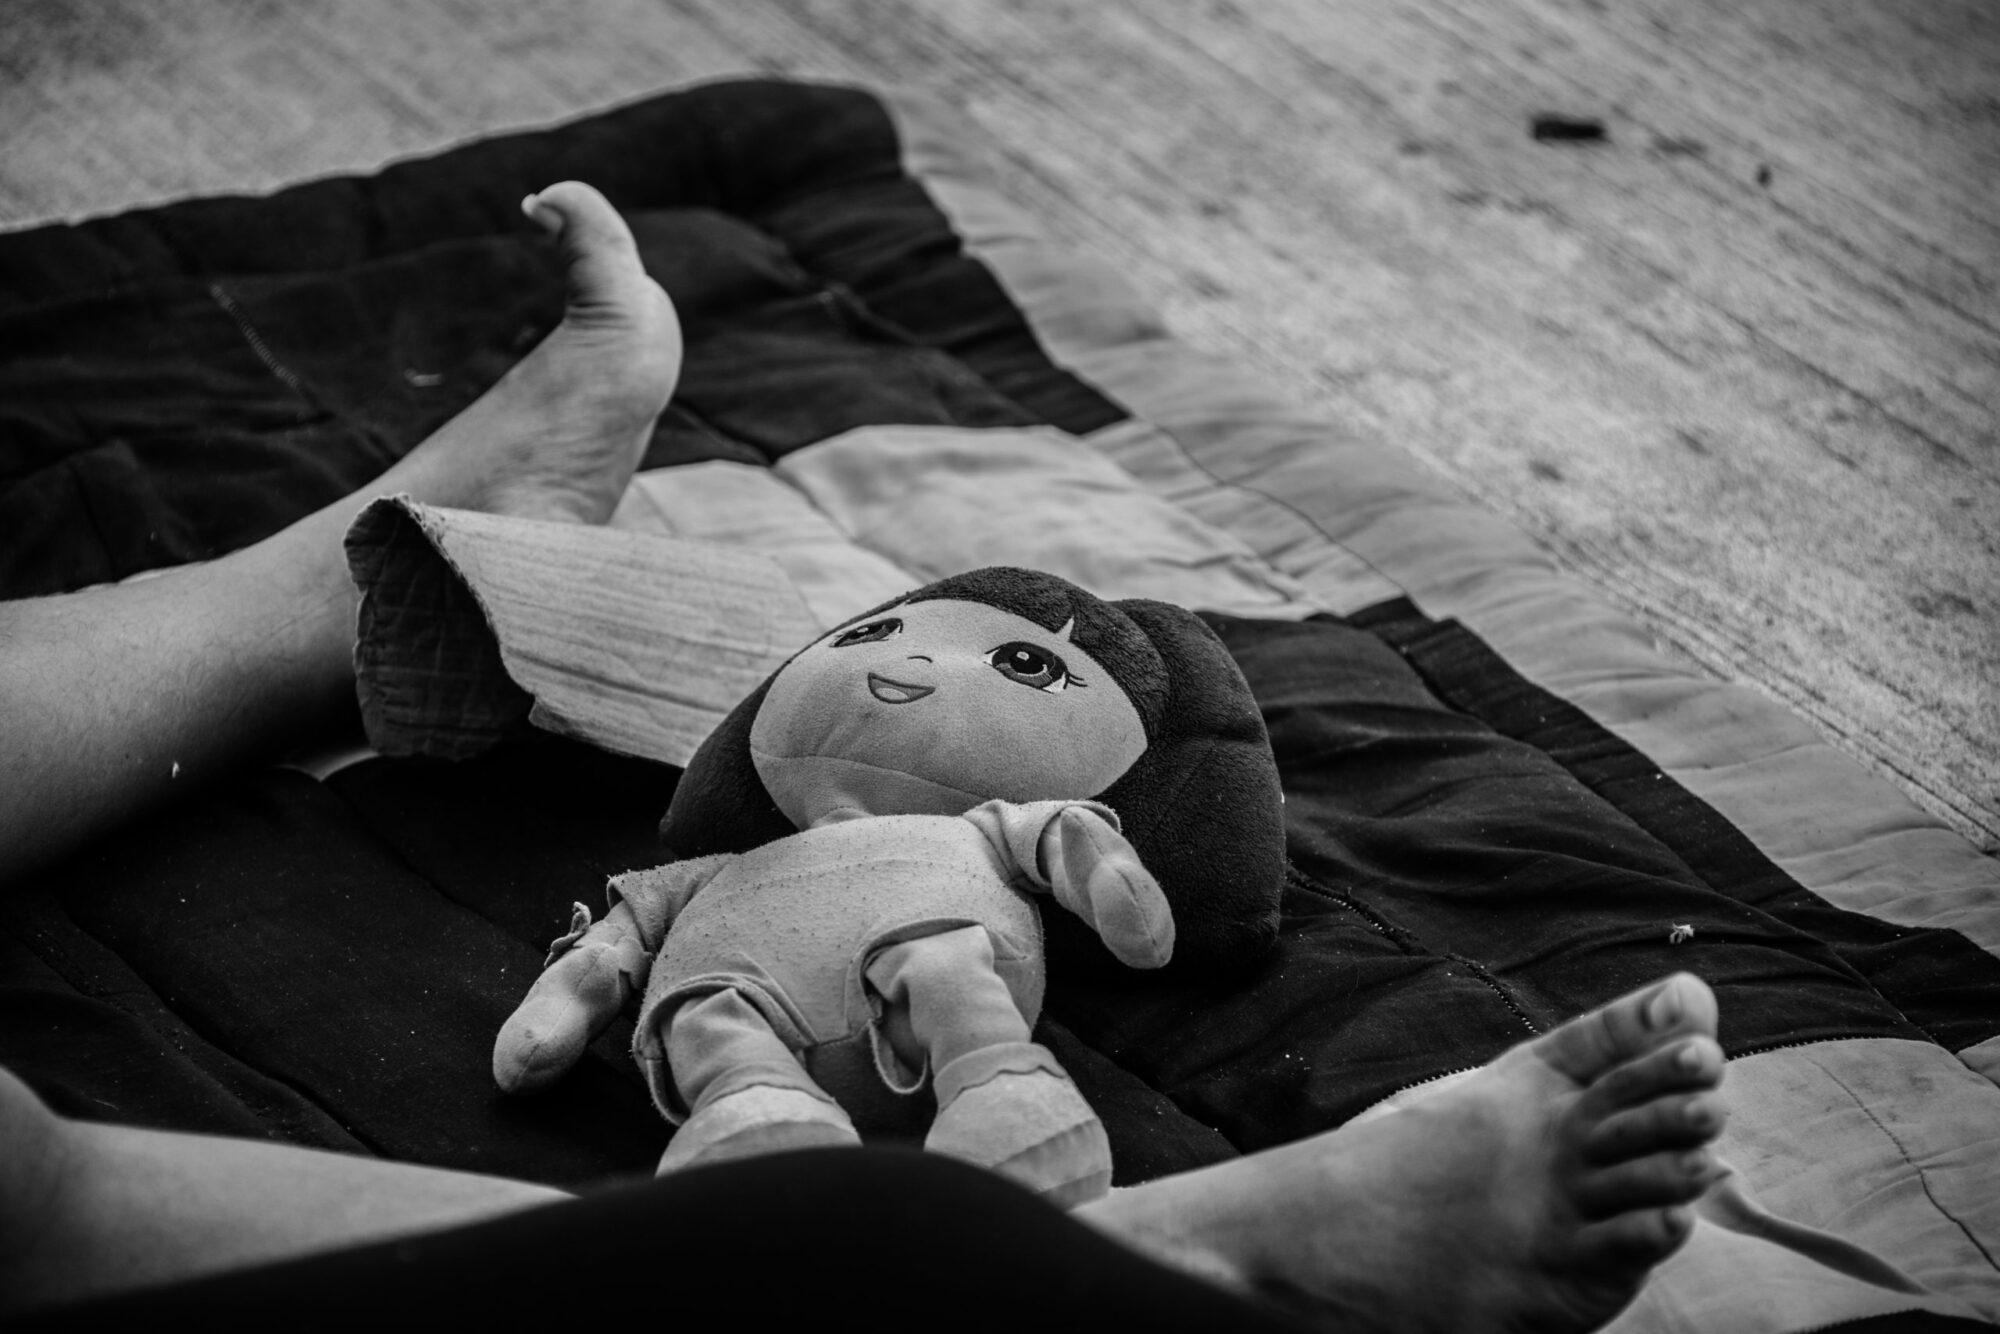 Muchos niños, niñas y adolescentes centroamericanos migraron en las Caravanas de 2018 contra su voluntad, pues sus padres los llevaron de manera obligada. (Luis Kelly. Campamento migrante en las calles de Ciudad Hidalgo, Chiapas.)